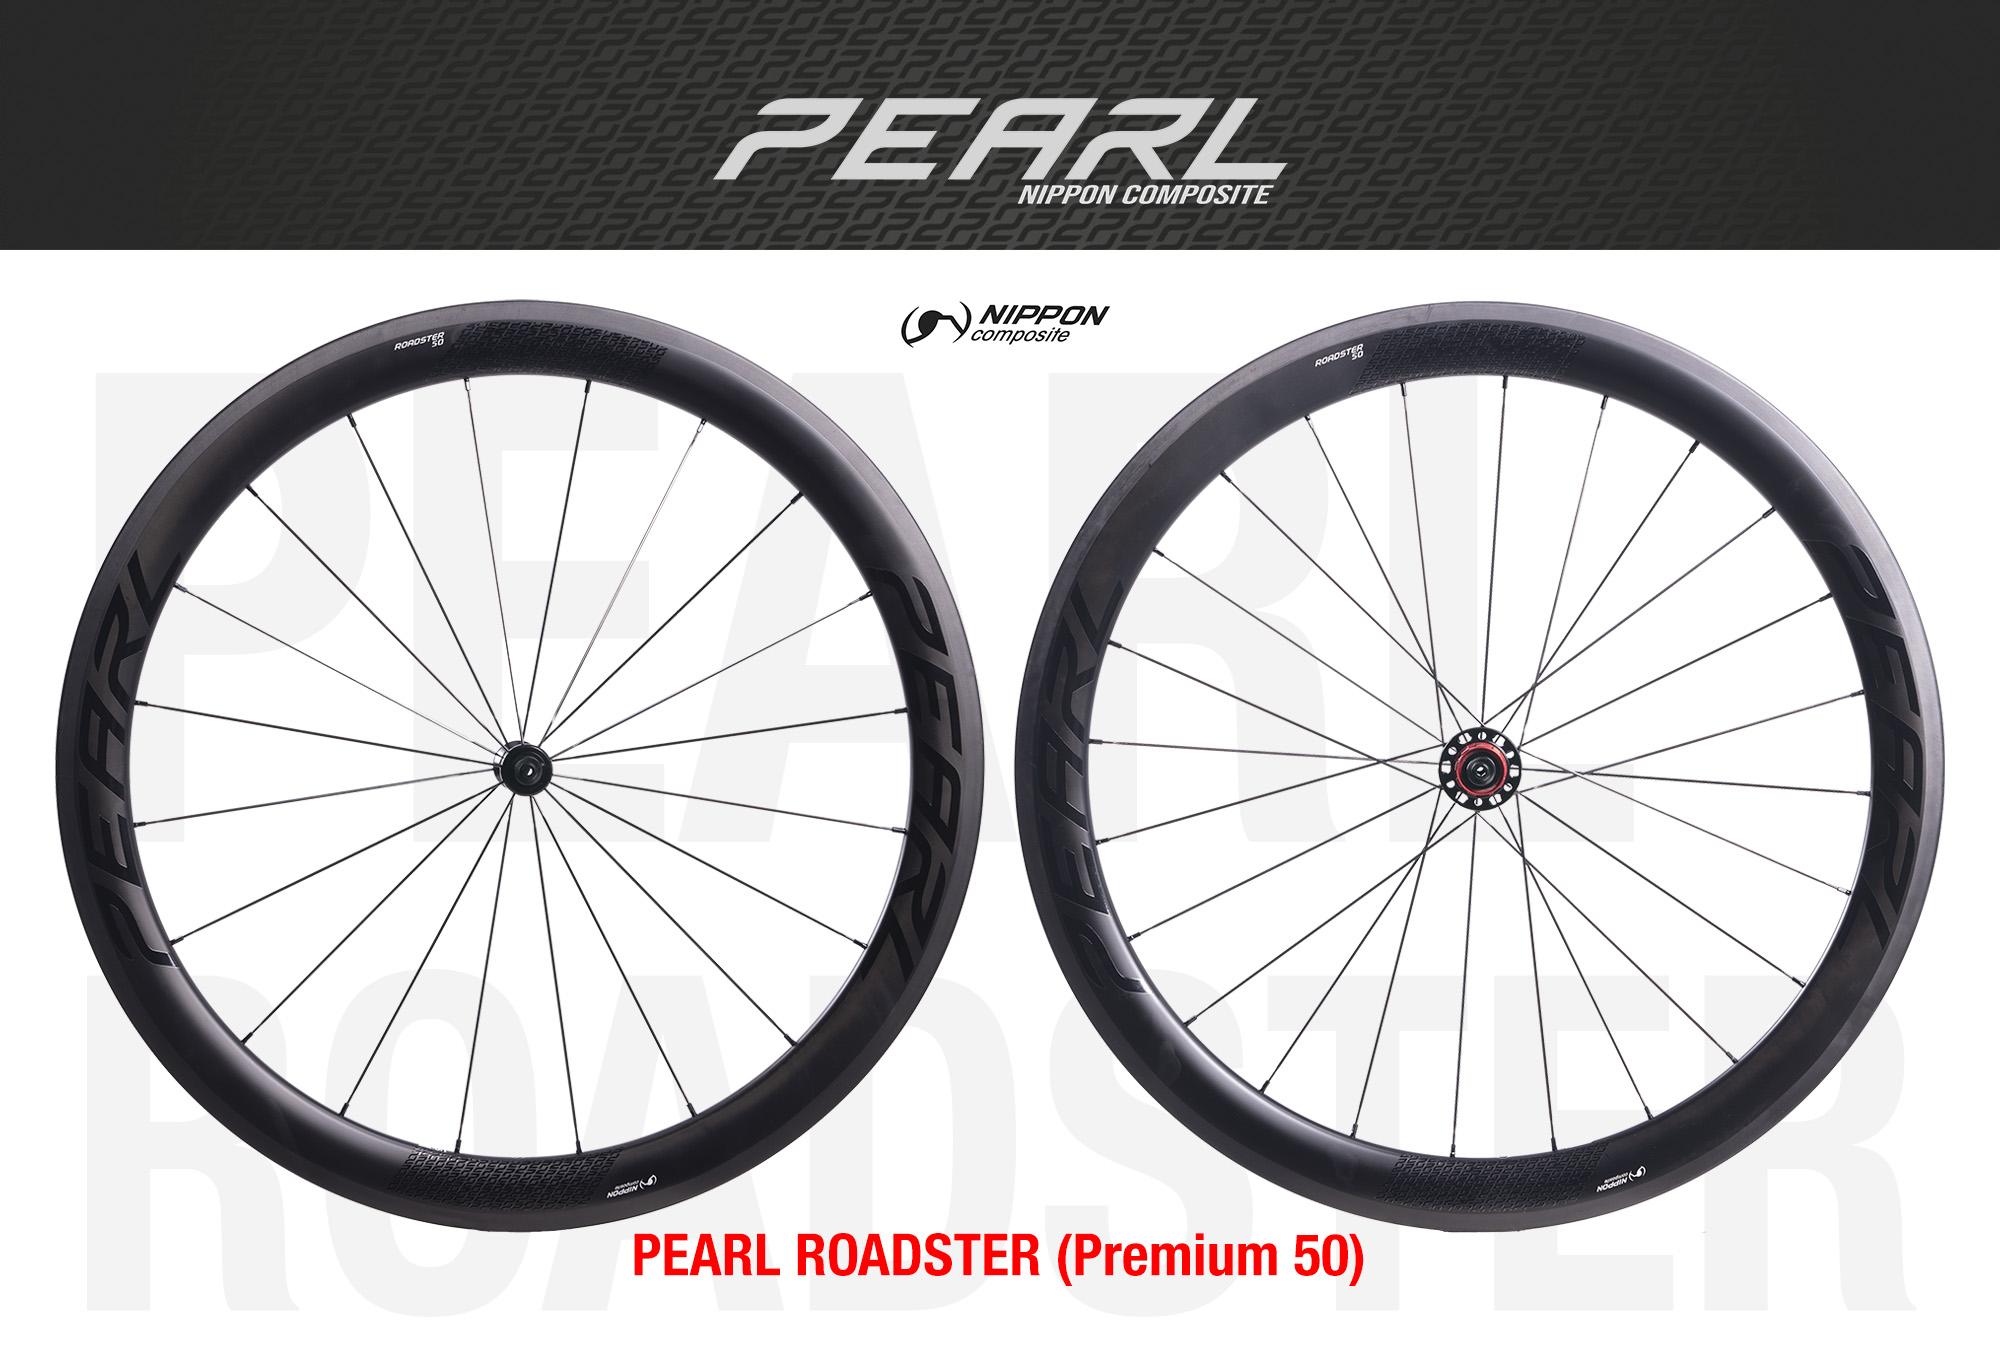 PEARL   ROADSTER (Premium) Carbon 700c